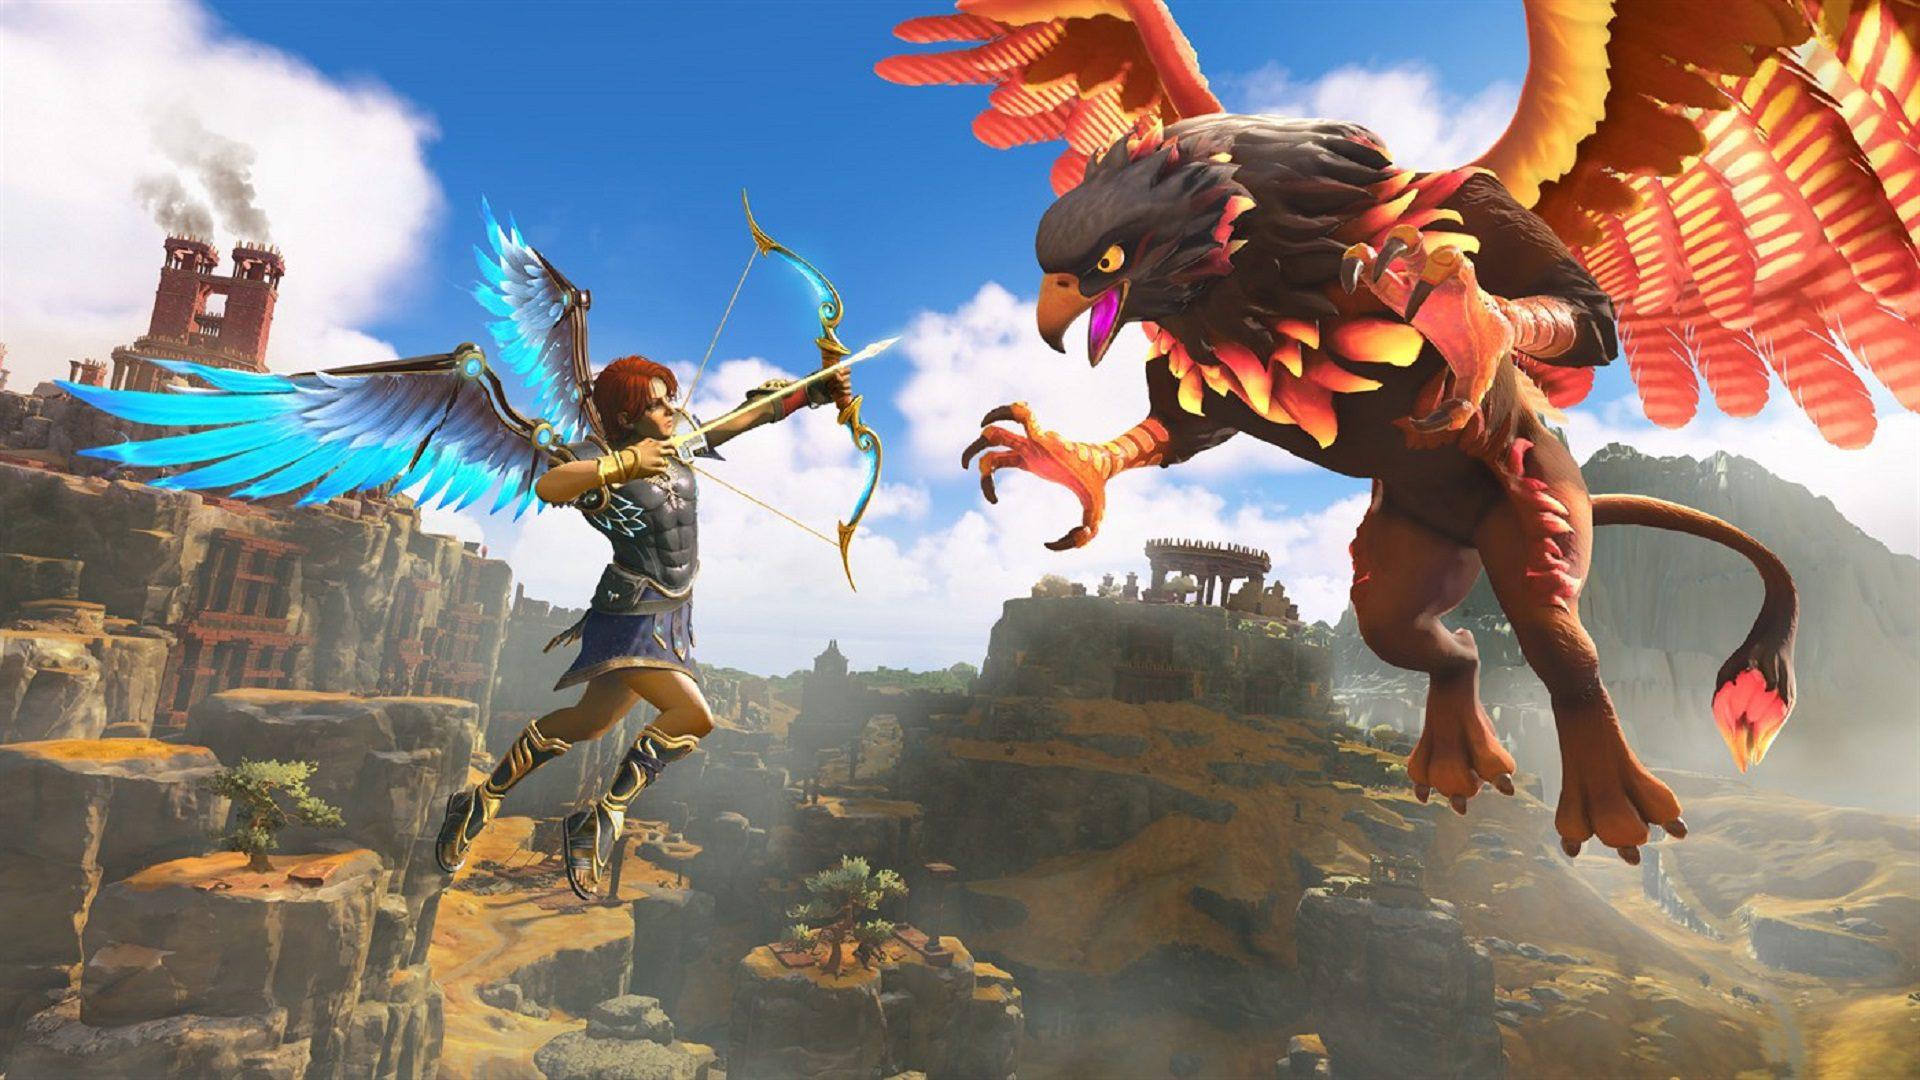 Immortals Fenyx Rising está influenciado por los títulos de acción y aventuras de la década del 2000